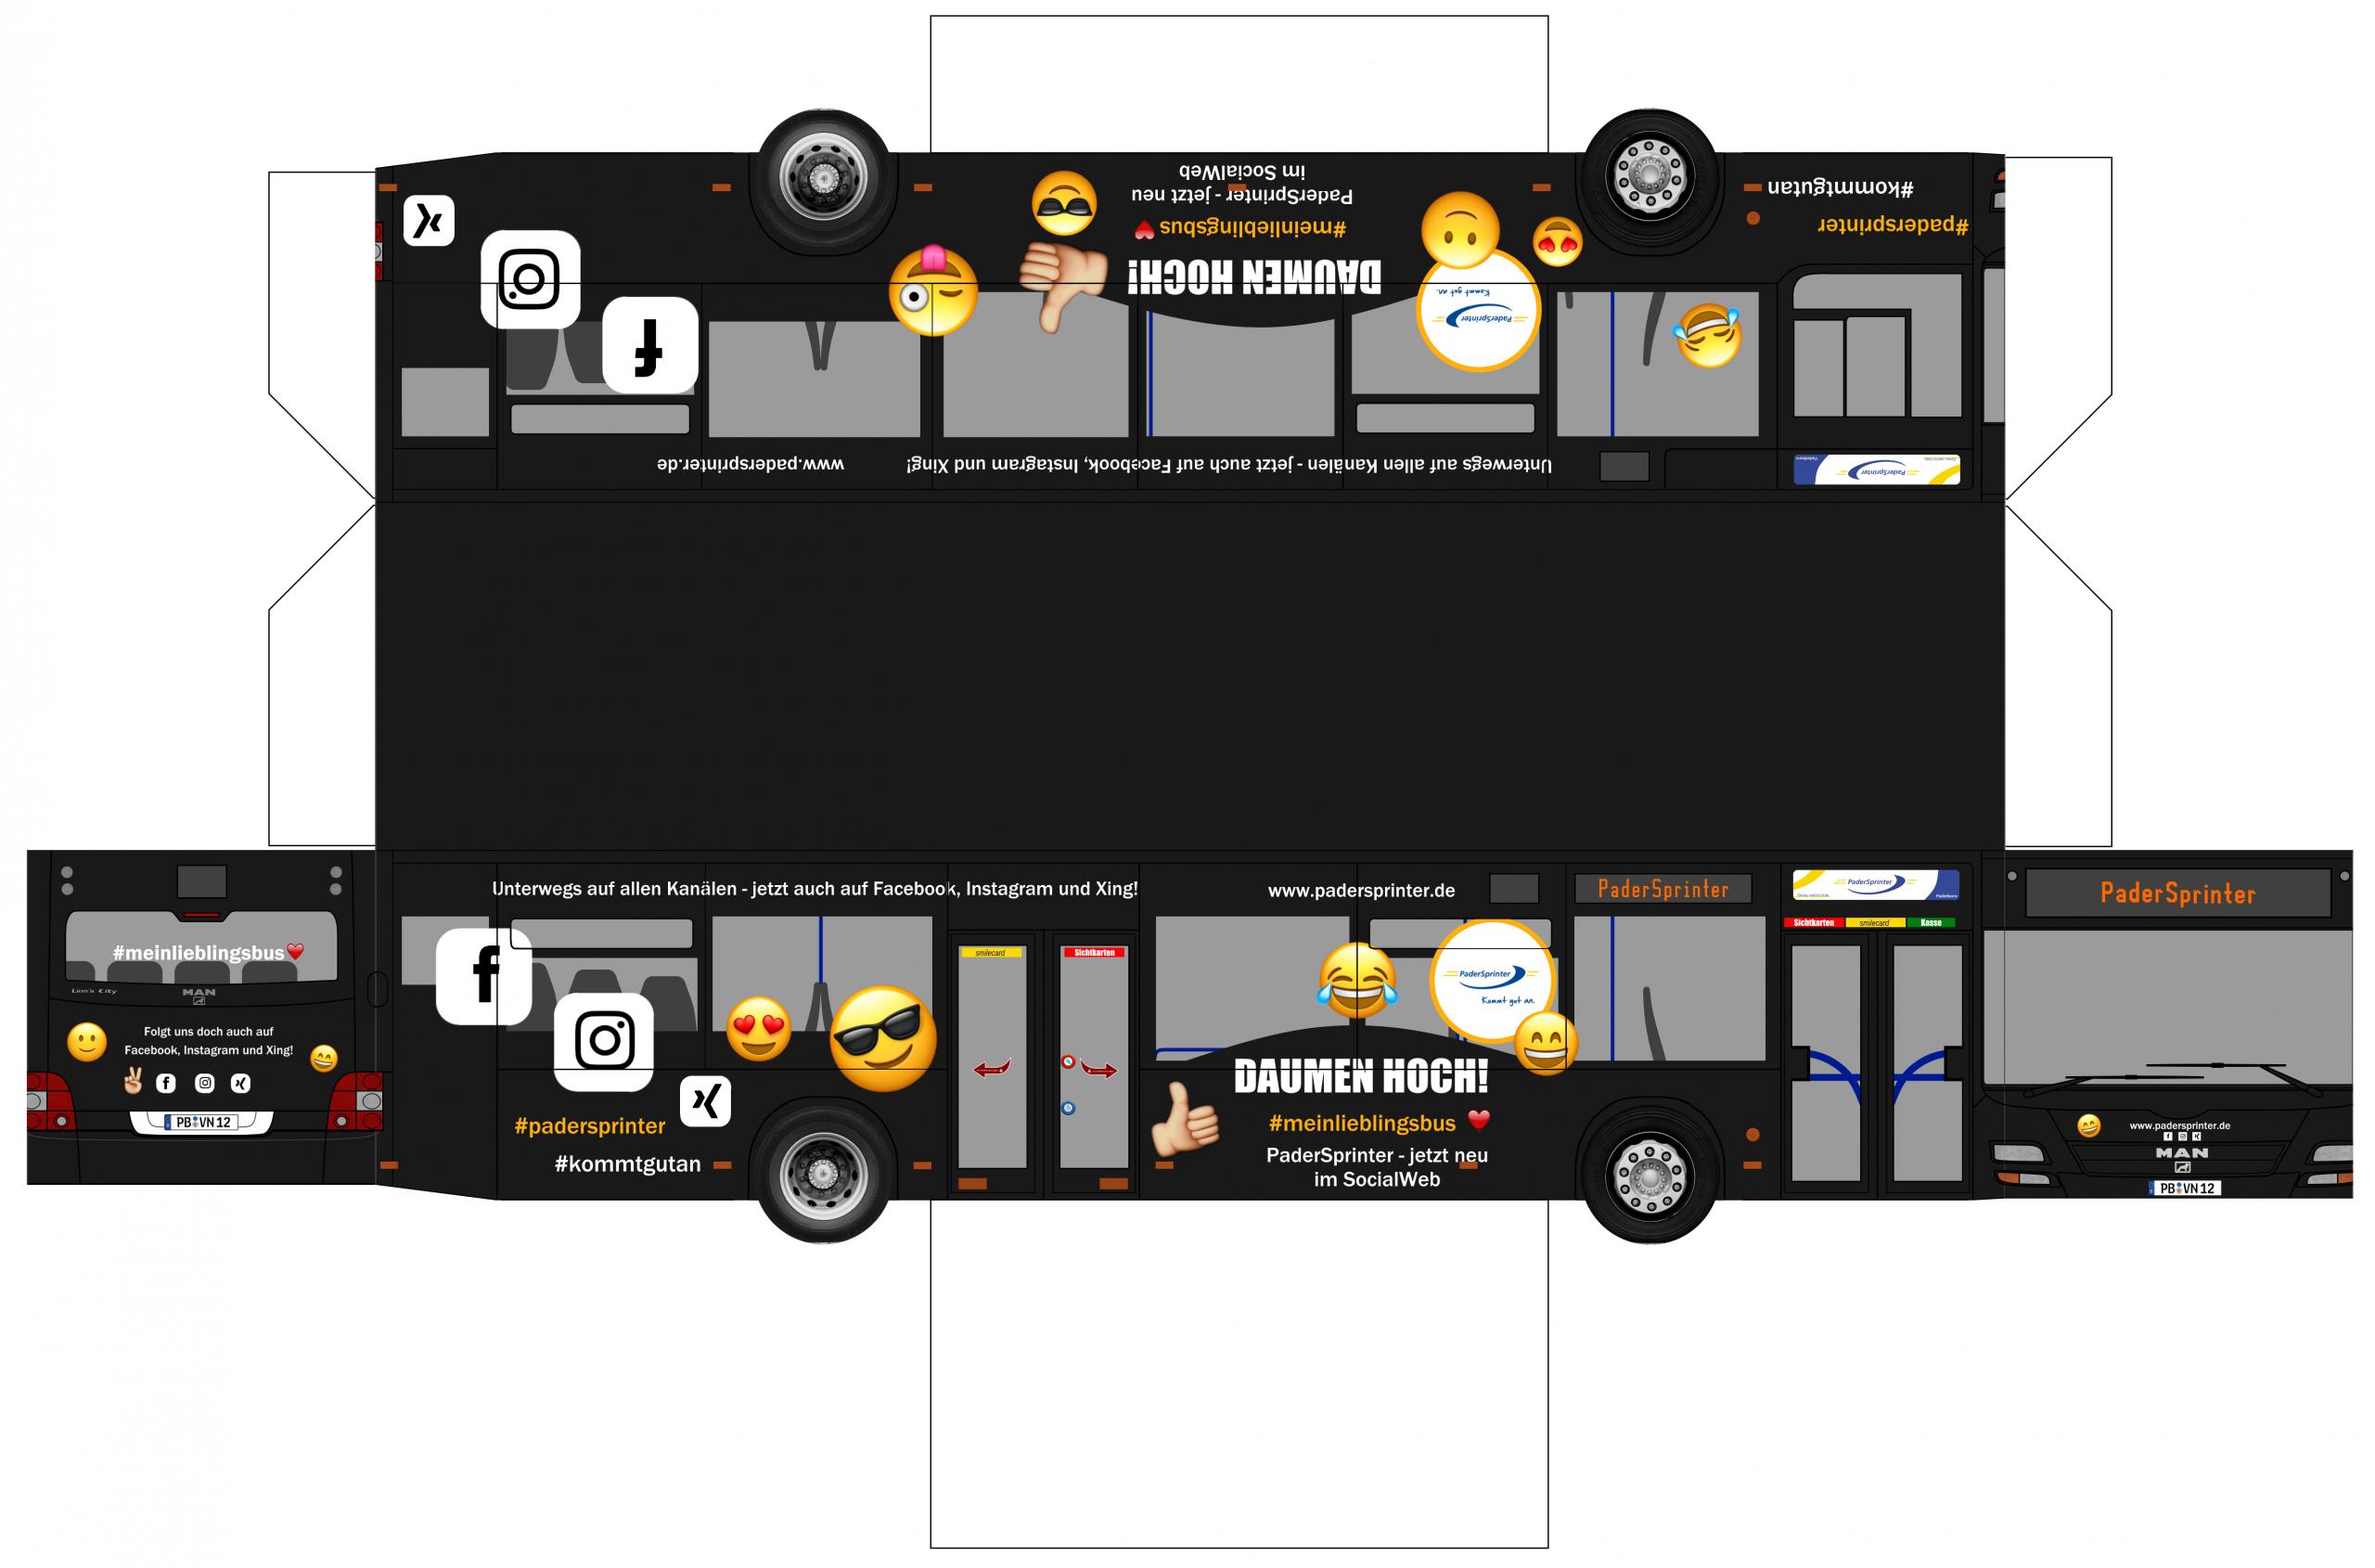 Material Gegen Langeweile Für Kids – Padersprinter bei Bastelvorlage Bus